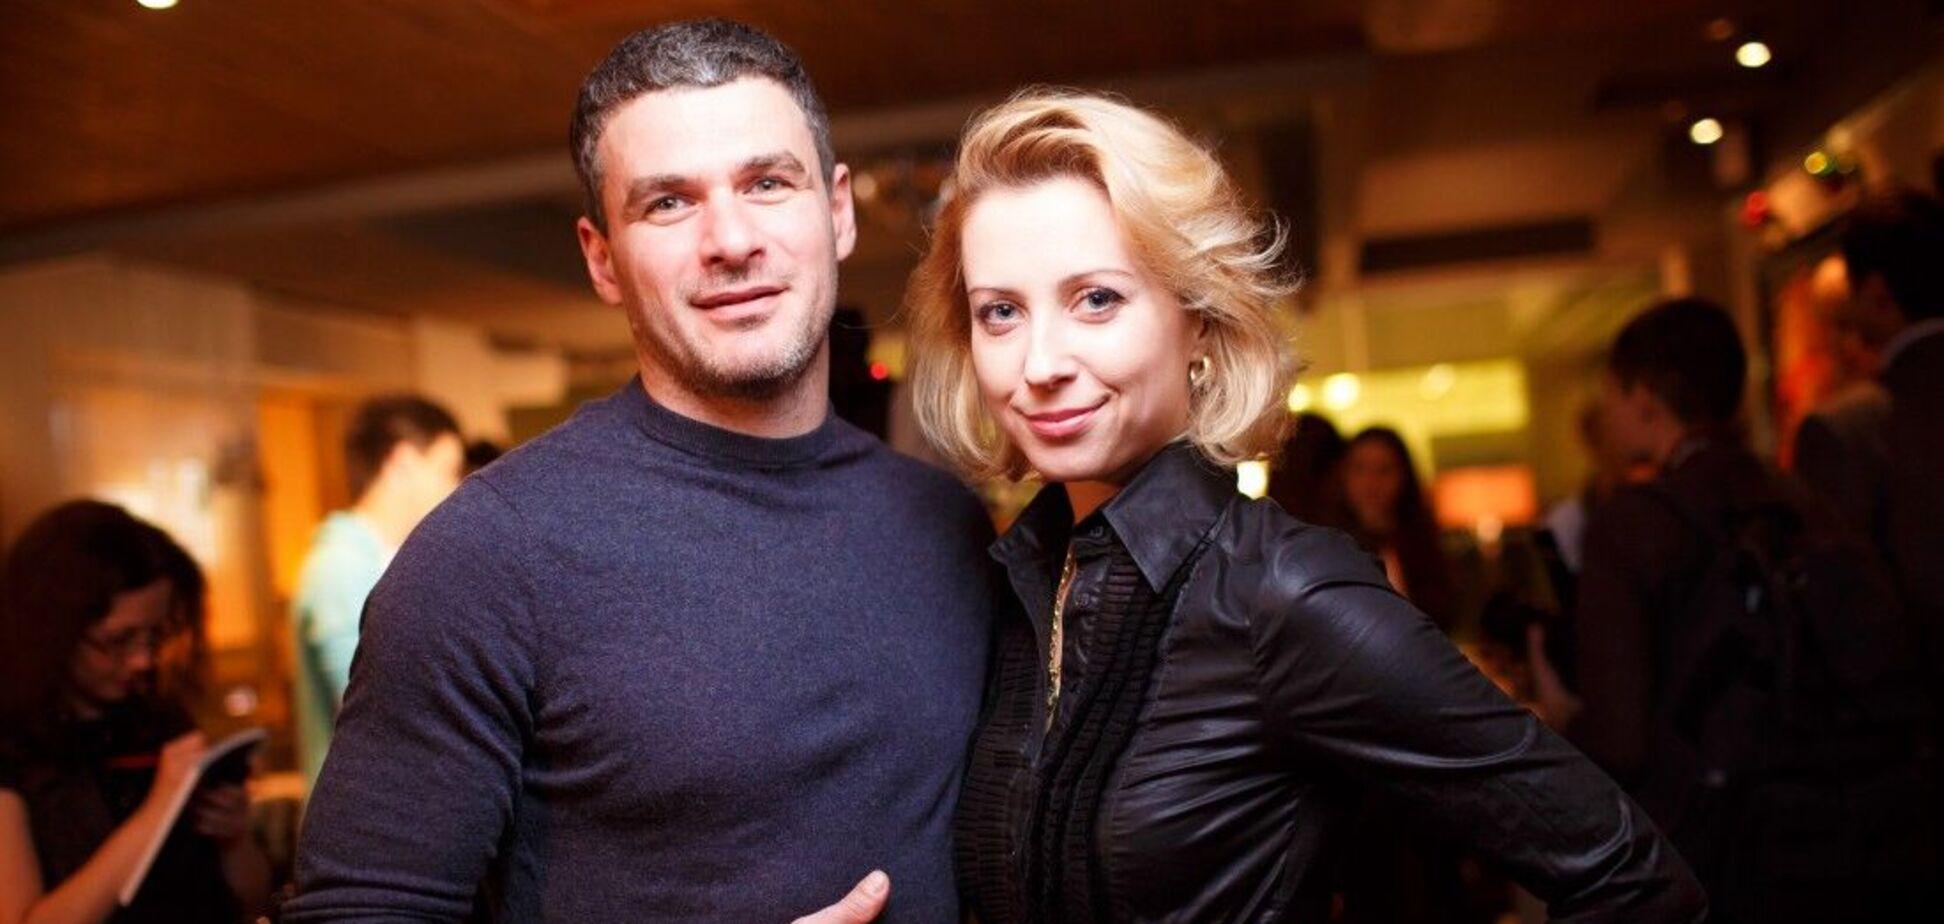 Тоня Матвиенко выложила в сеть обнаженное фото с мужем